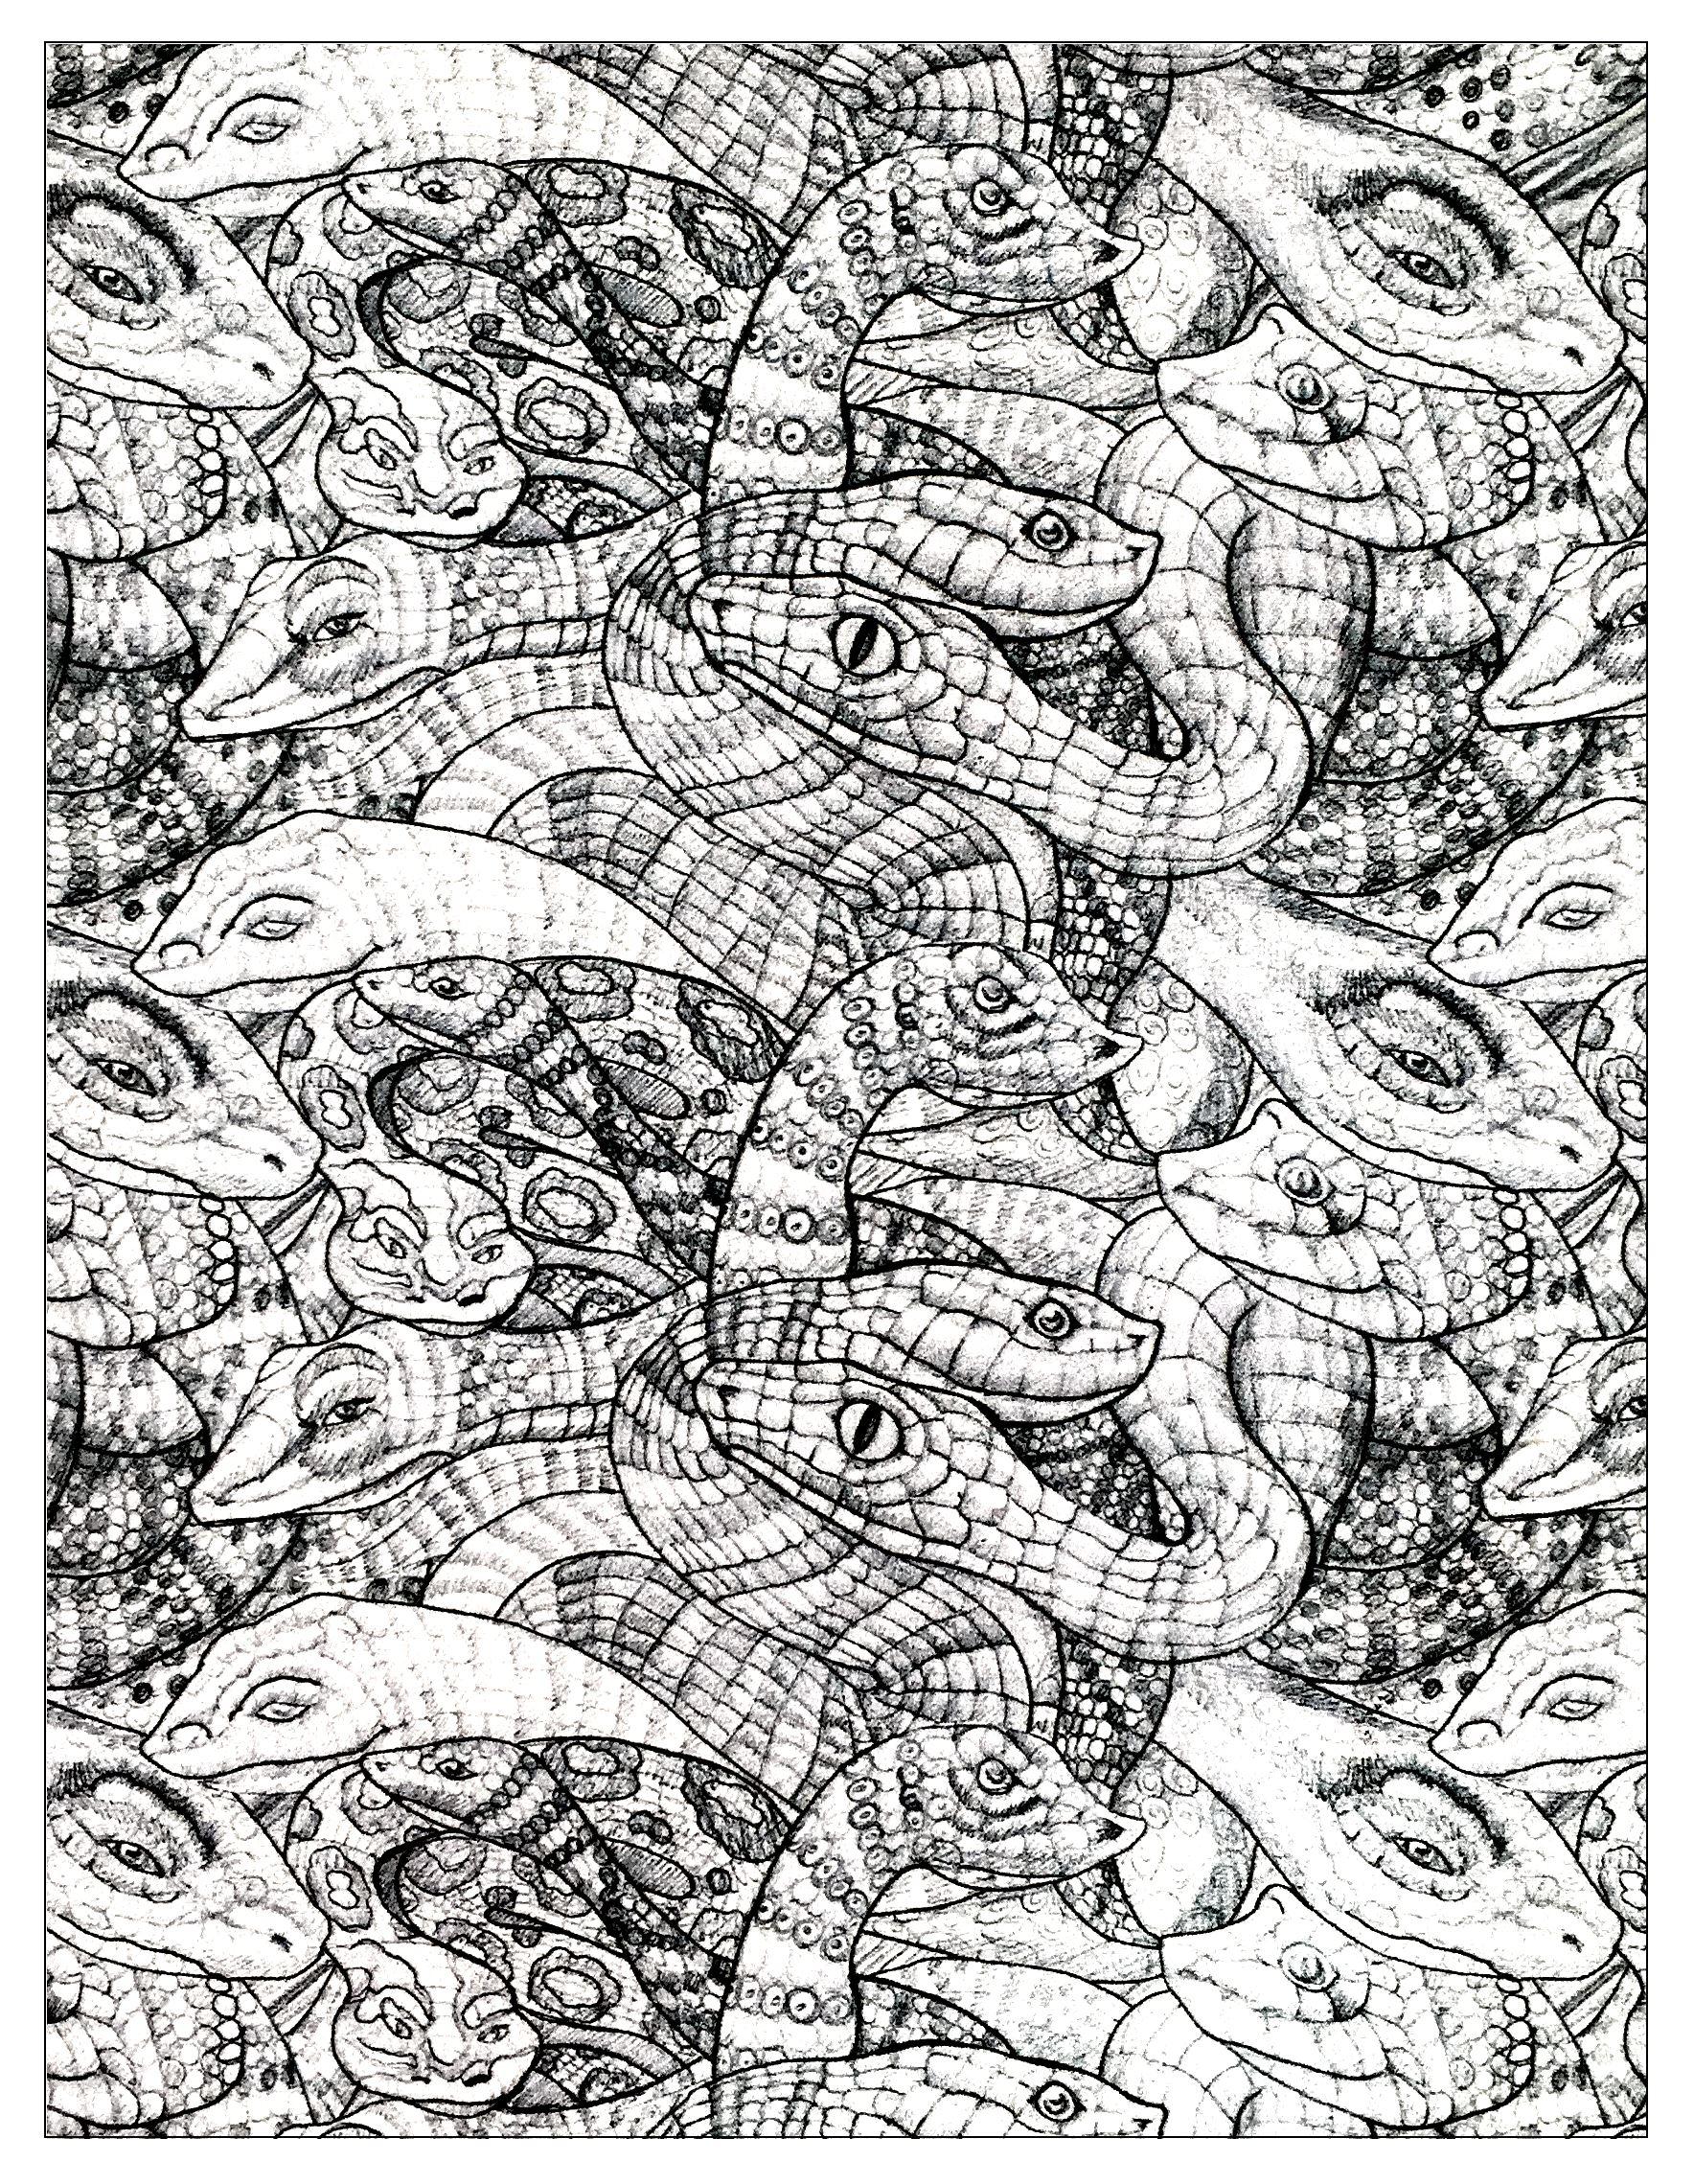 Serpientes 94148 - Serpientes - Colorear para Adultos